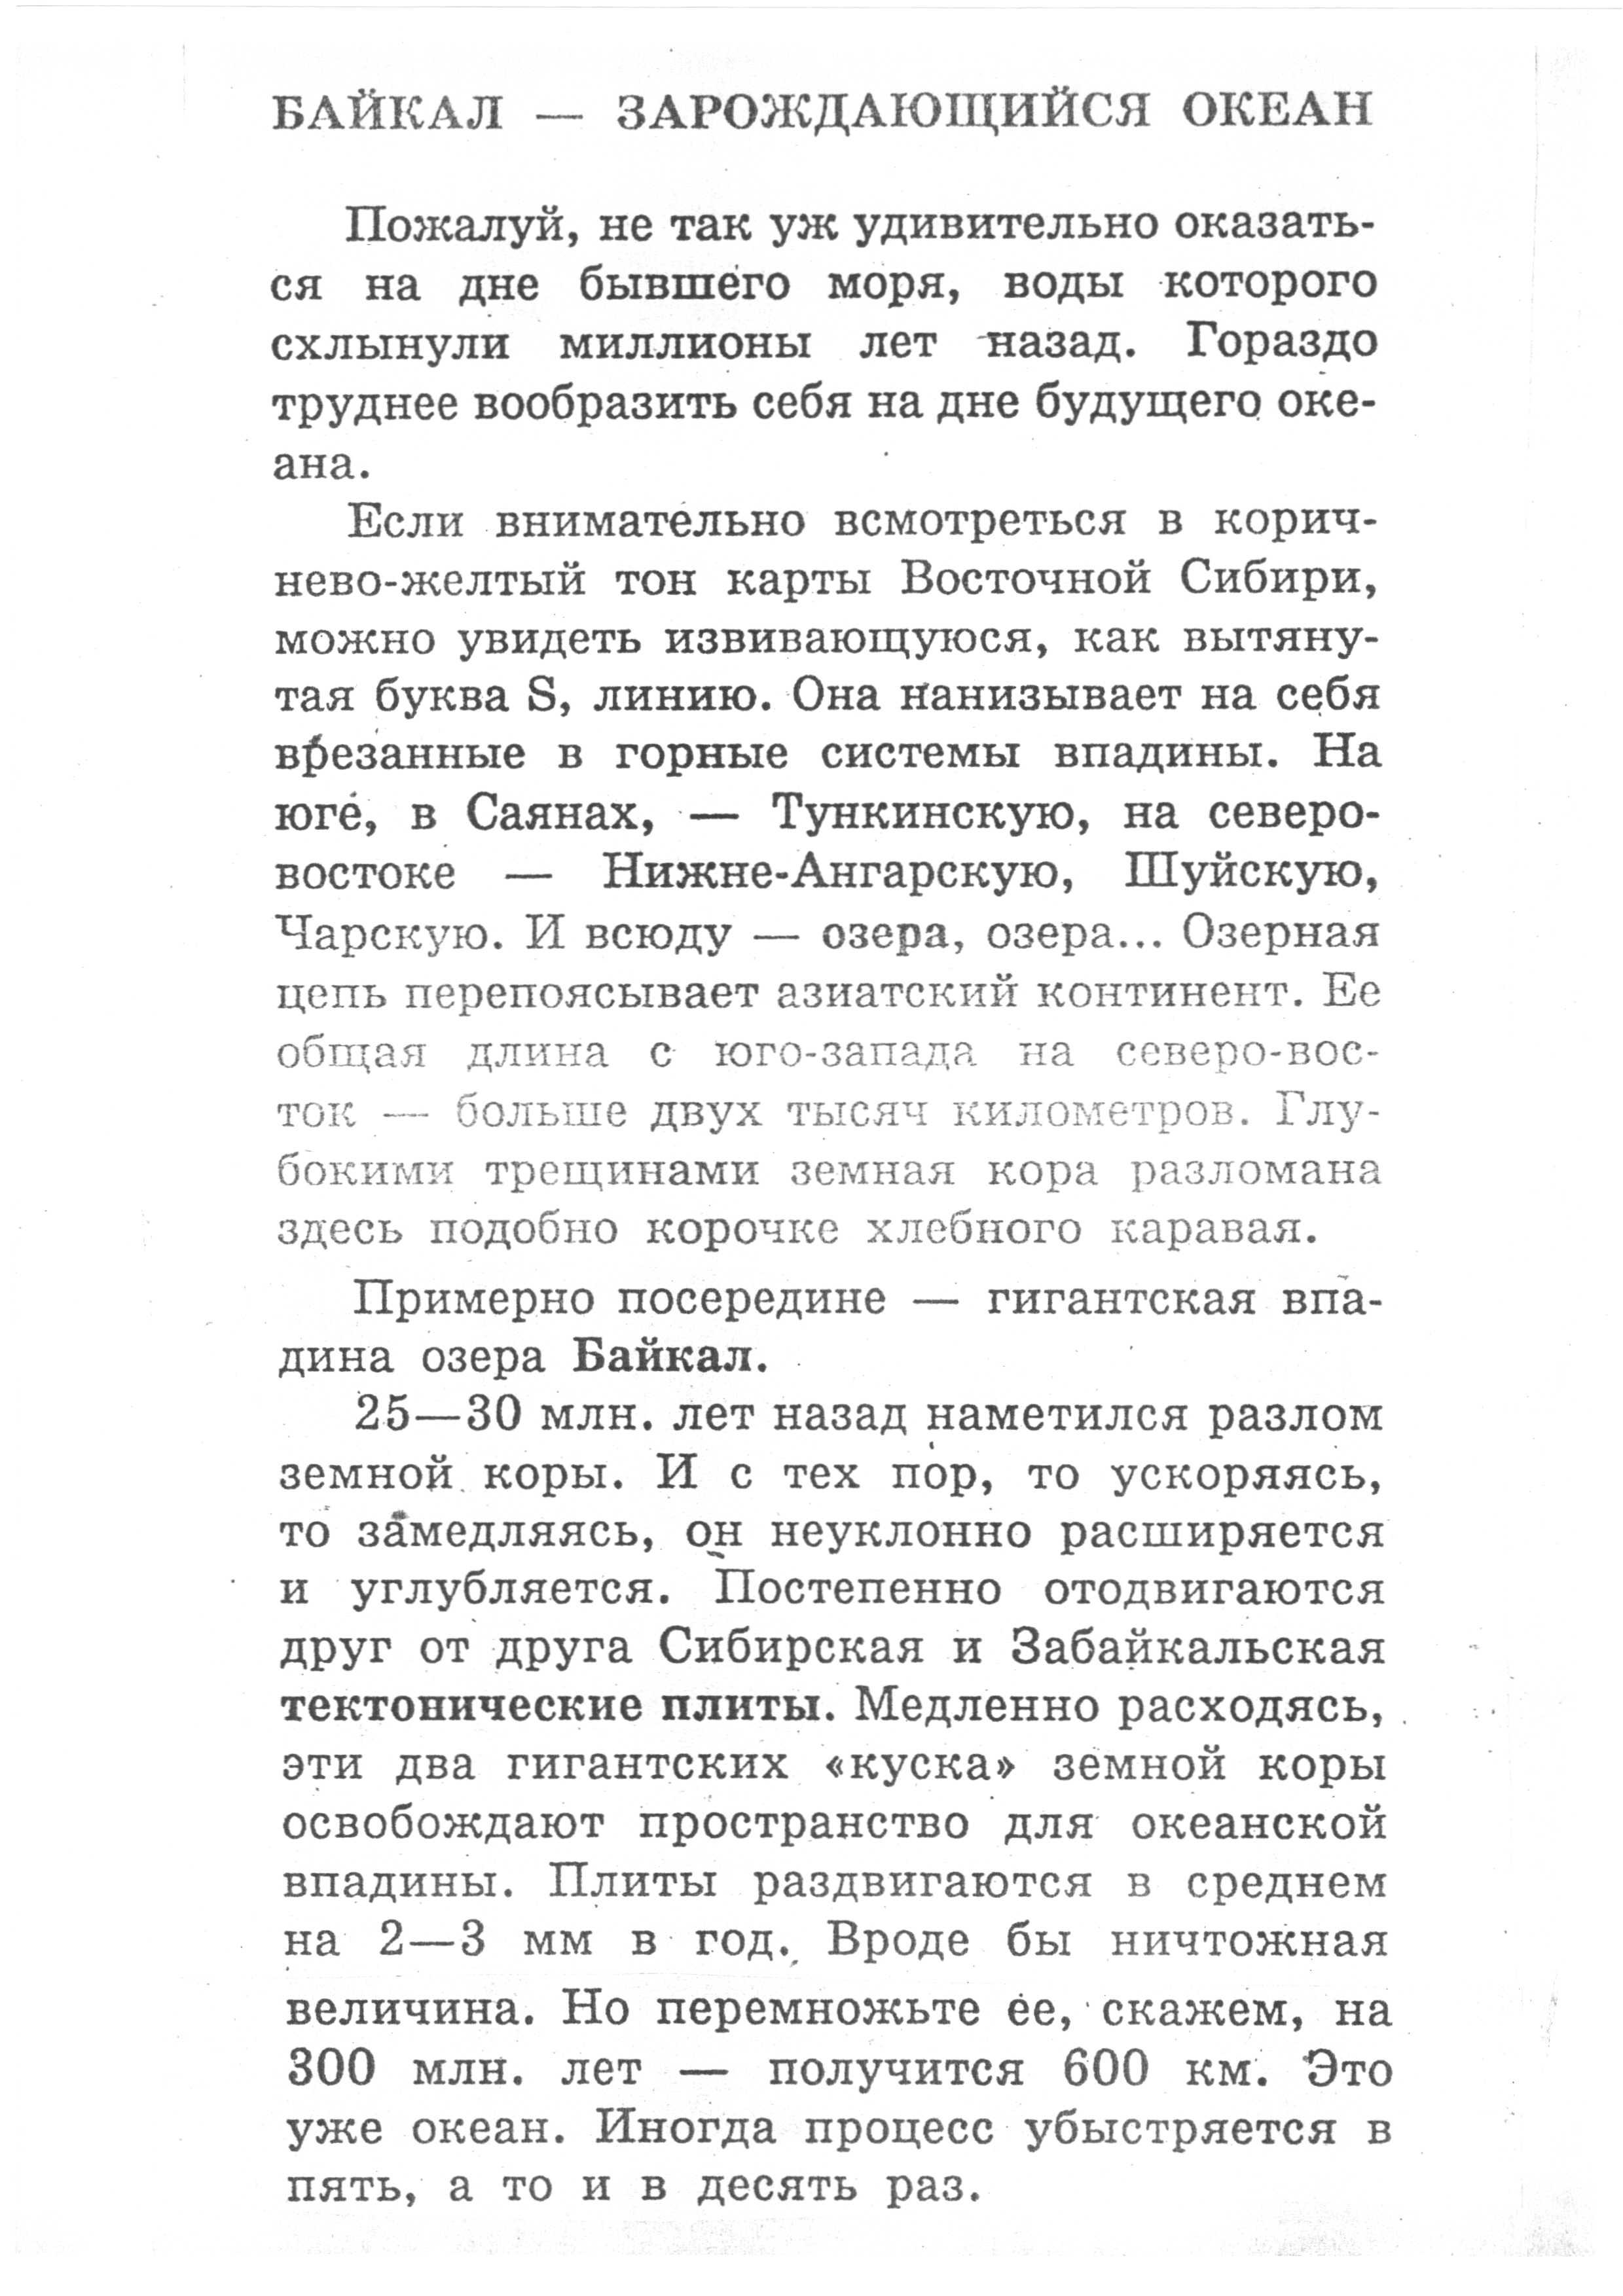 C:\Users\Галина\Documents\Отсканировано 01.03.2010 0-16_000.jpg